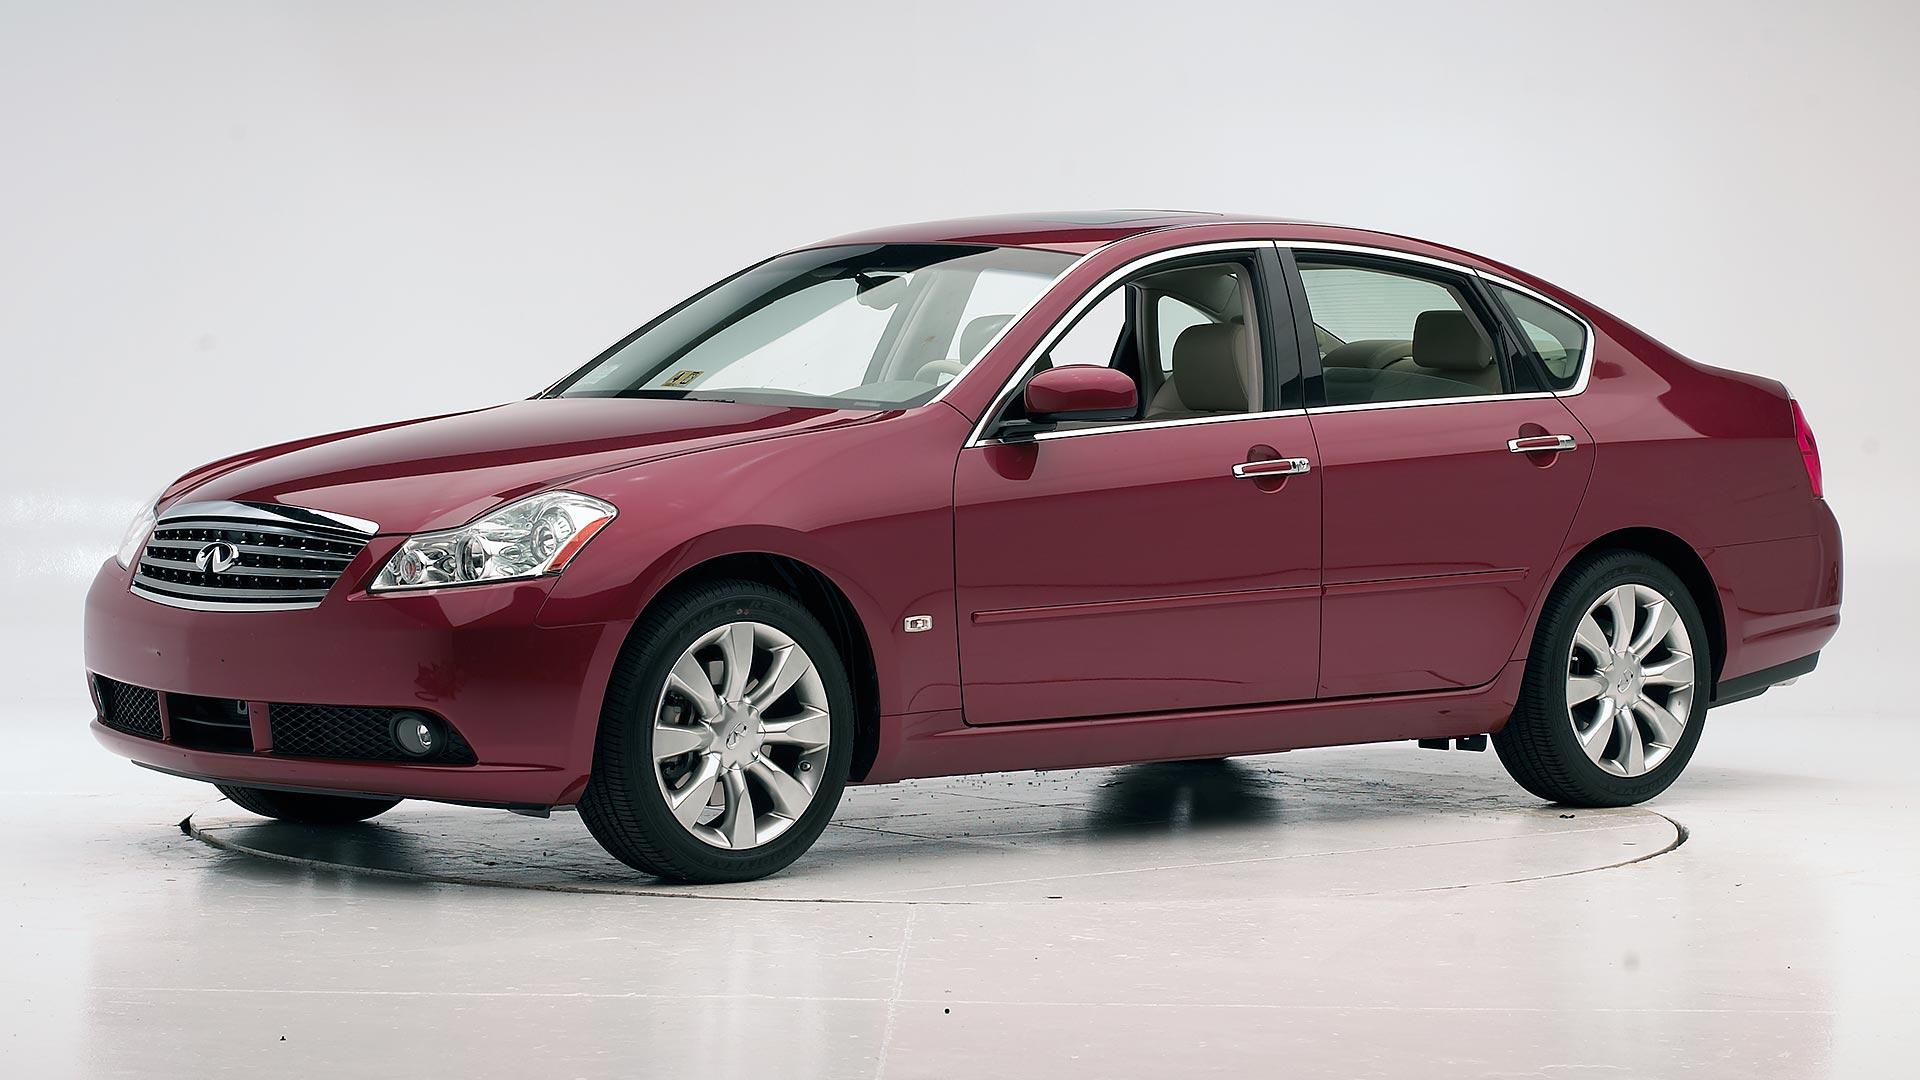 2010 Infiniti M35 M45 4 Door Sedan